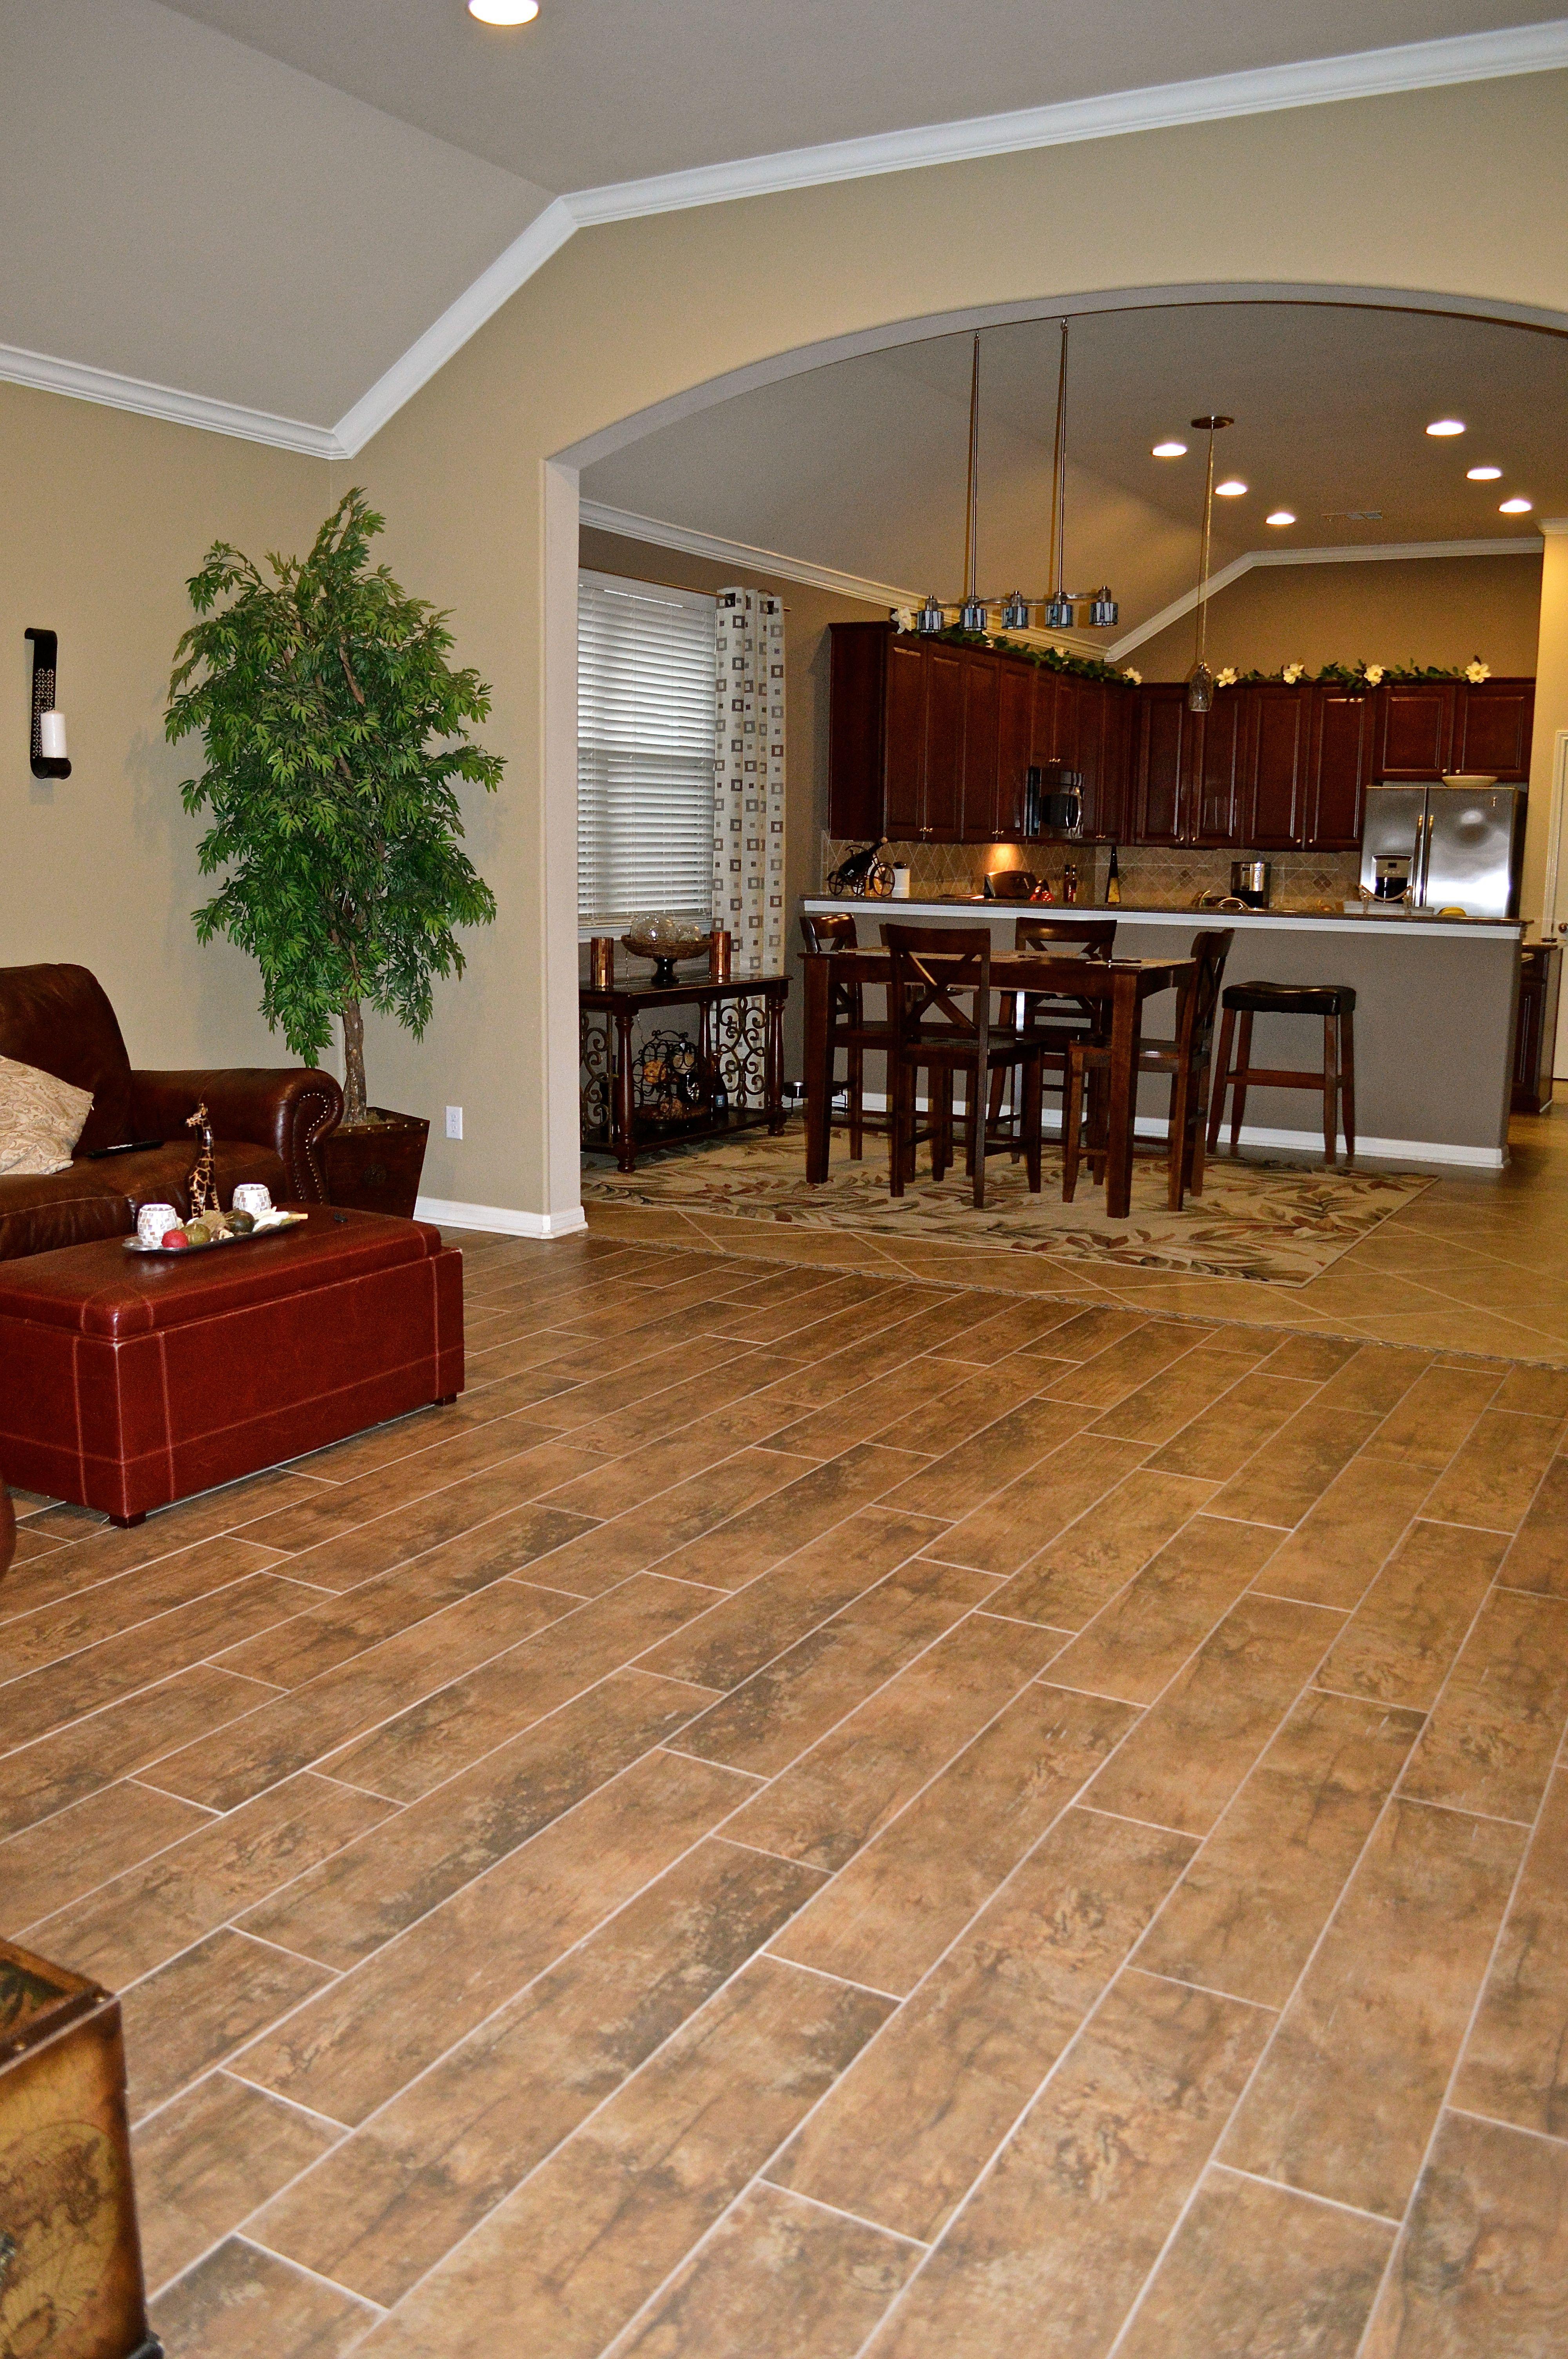 Porcelain tile that looks like wood planks. Looks amazing